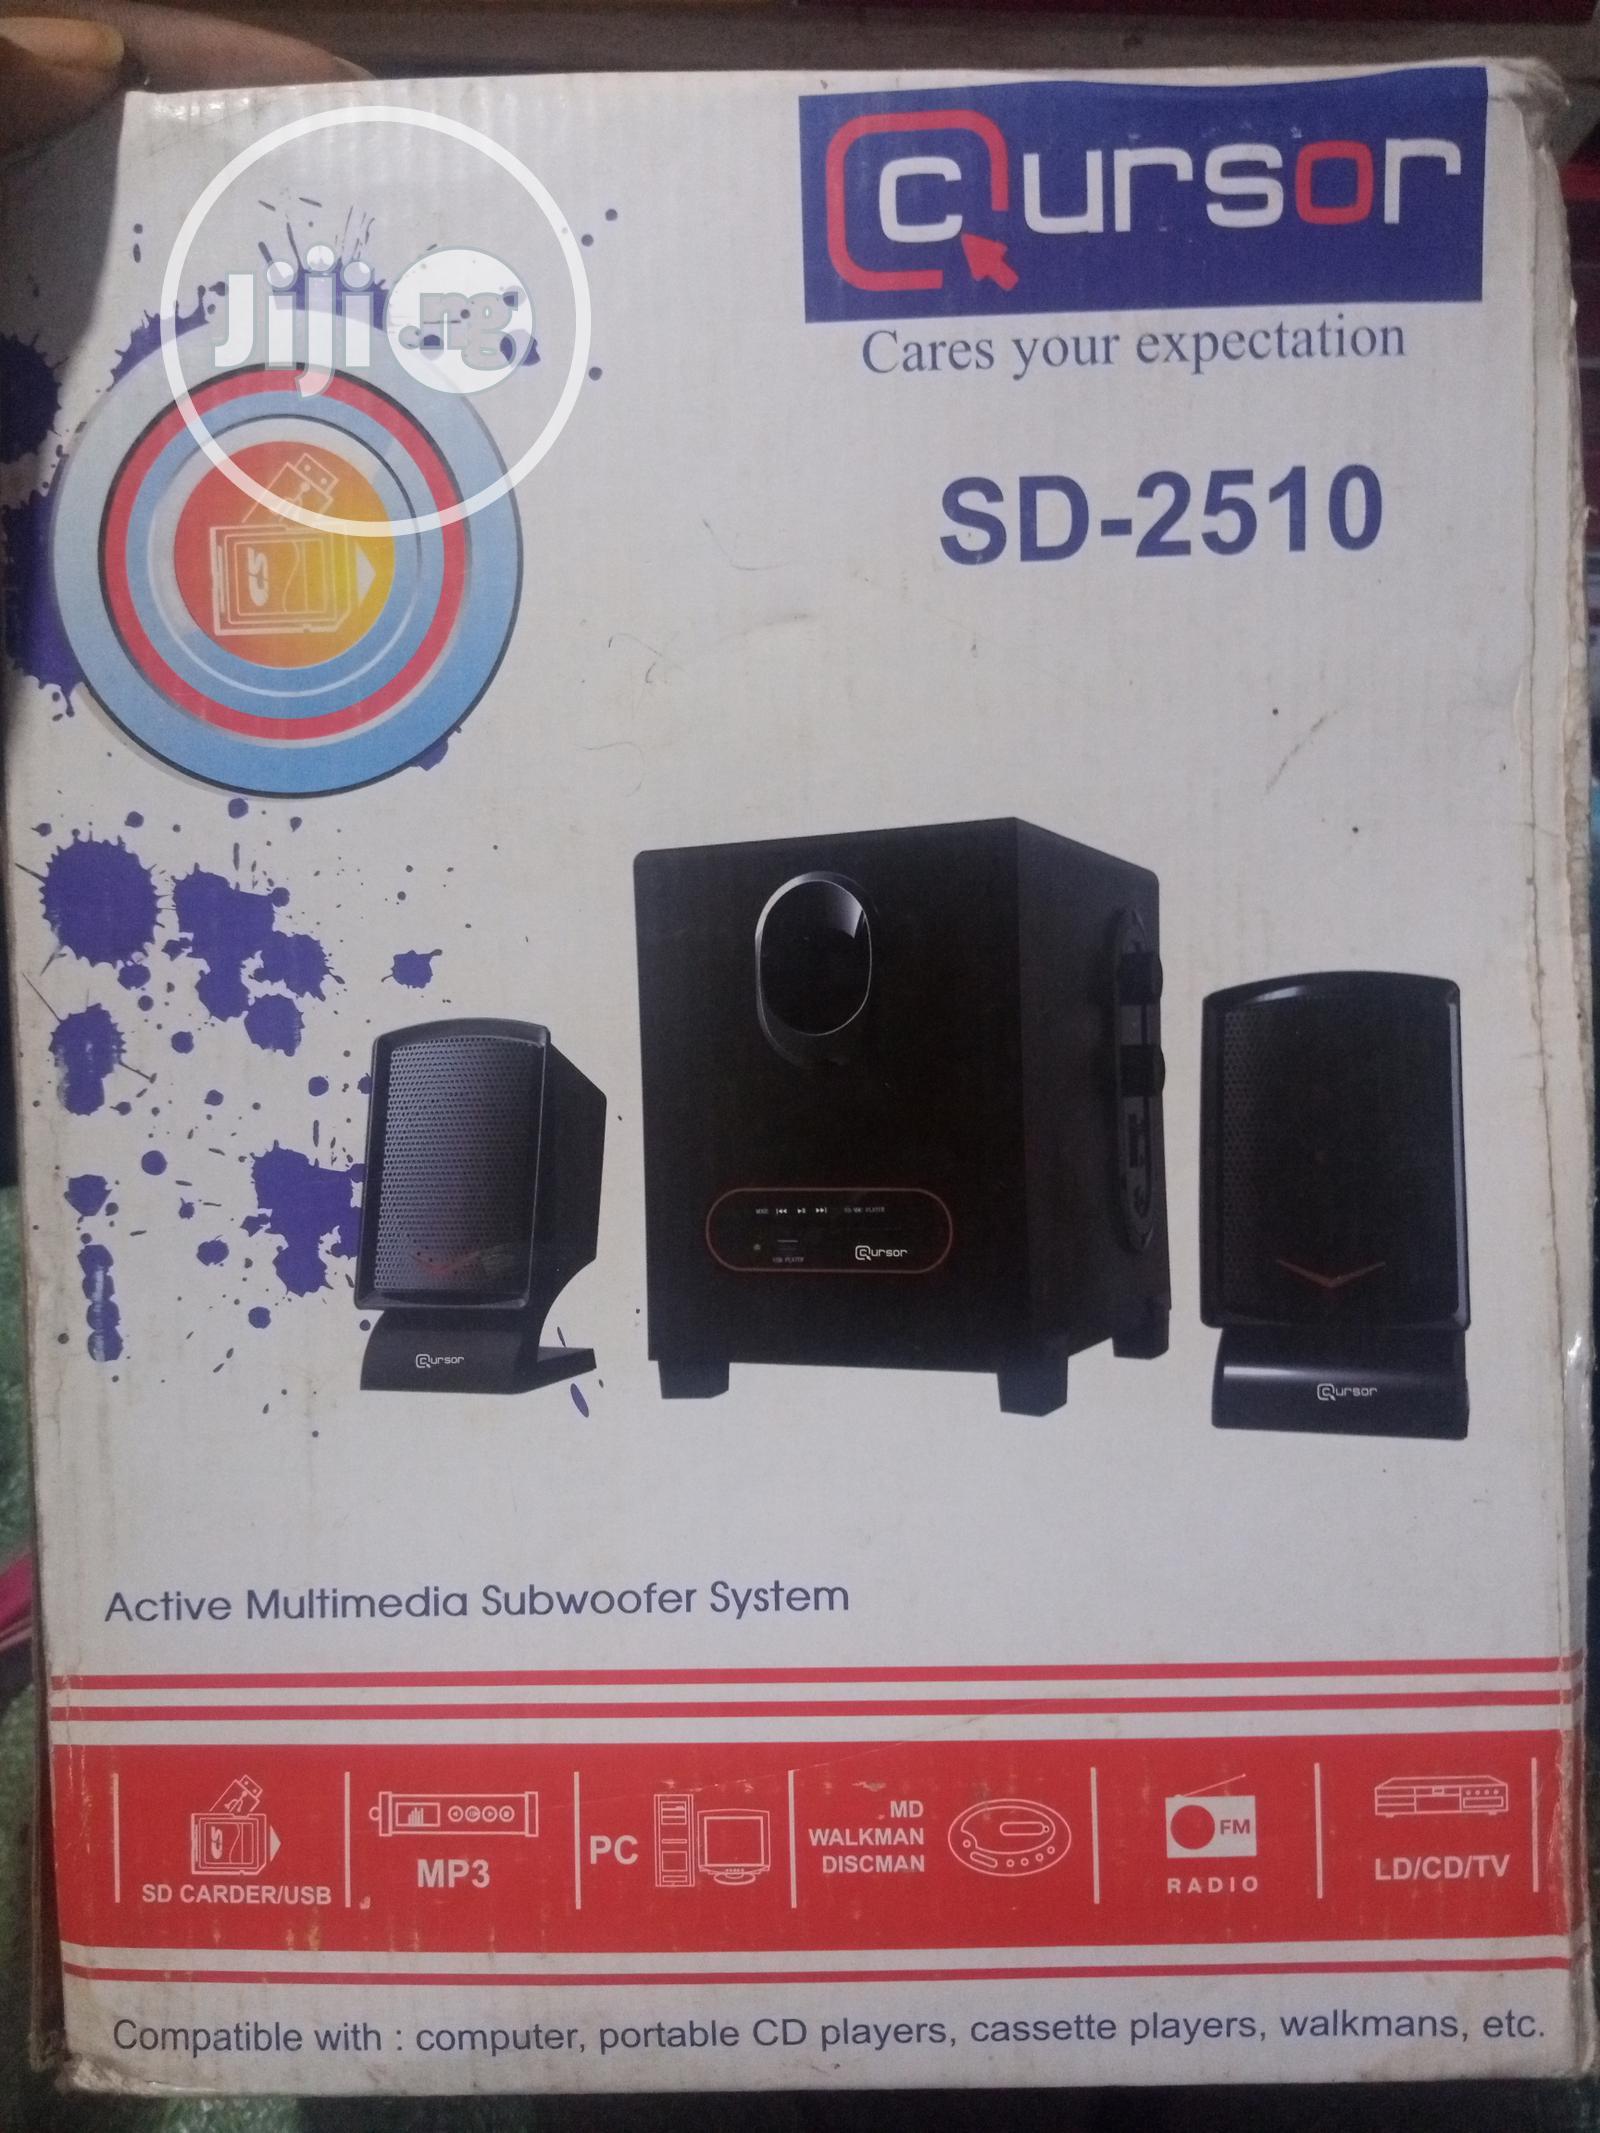 Cursor Multimedia Subwoofer Sound System